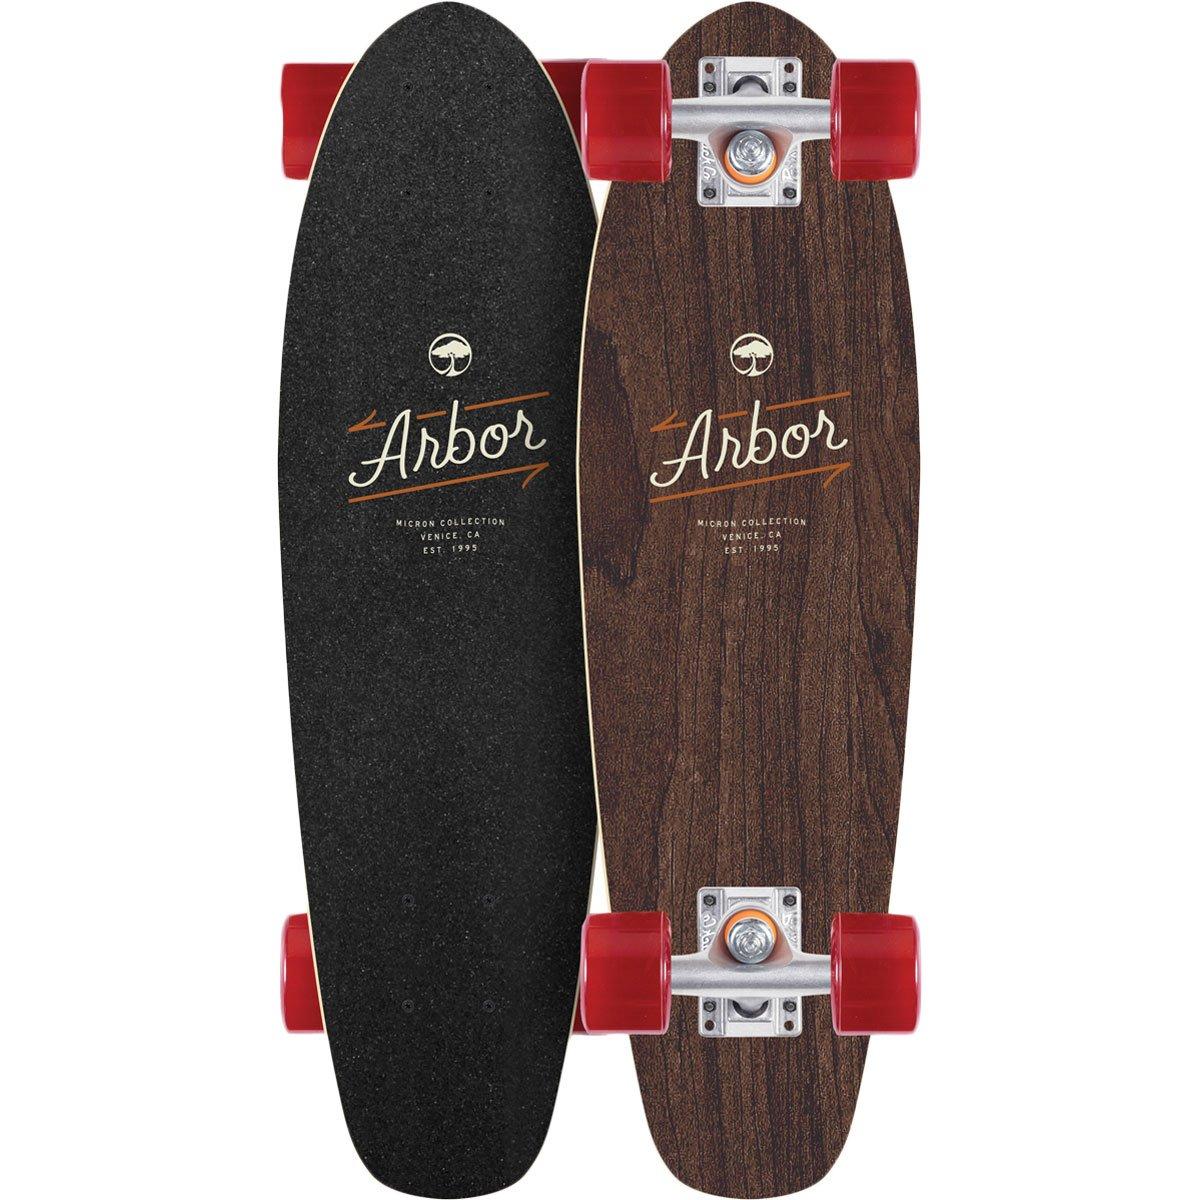 Arbor Skateboard - Bogart Micron